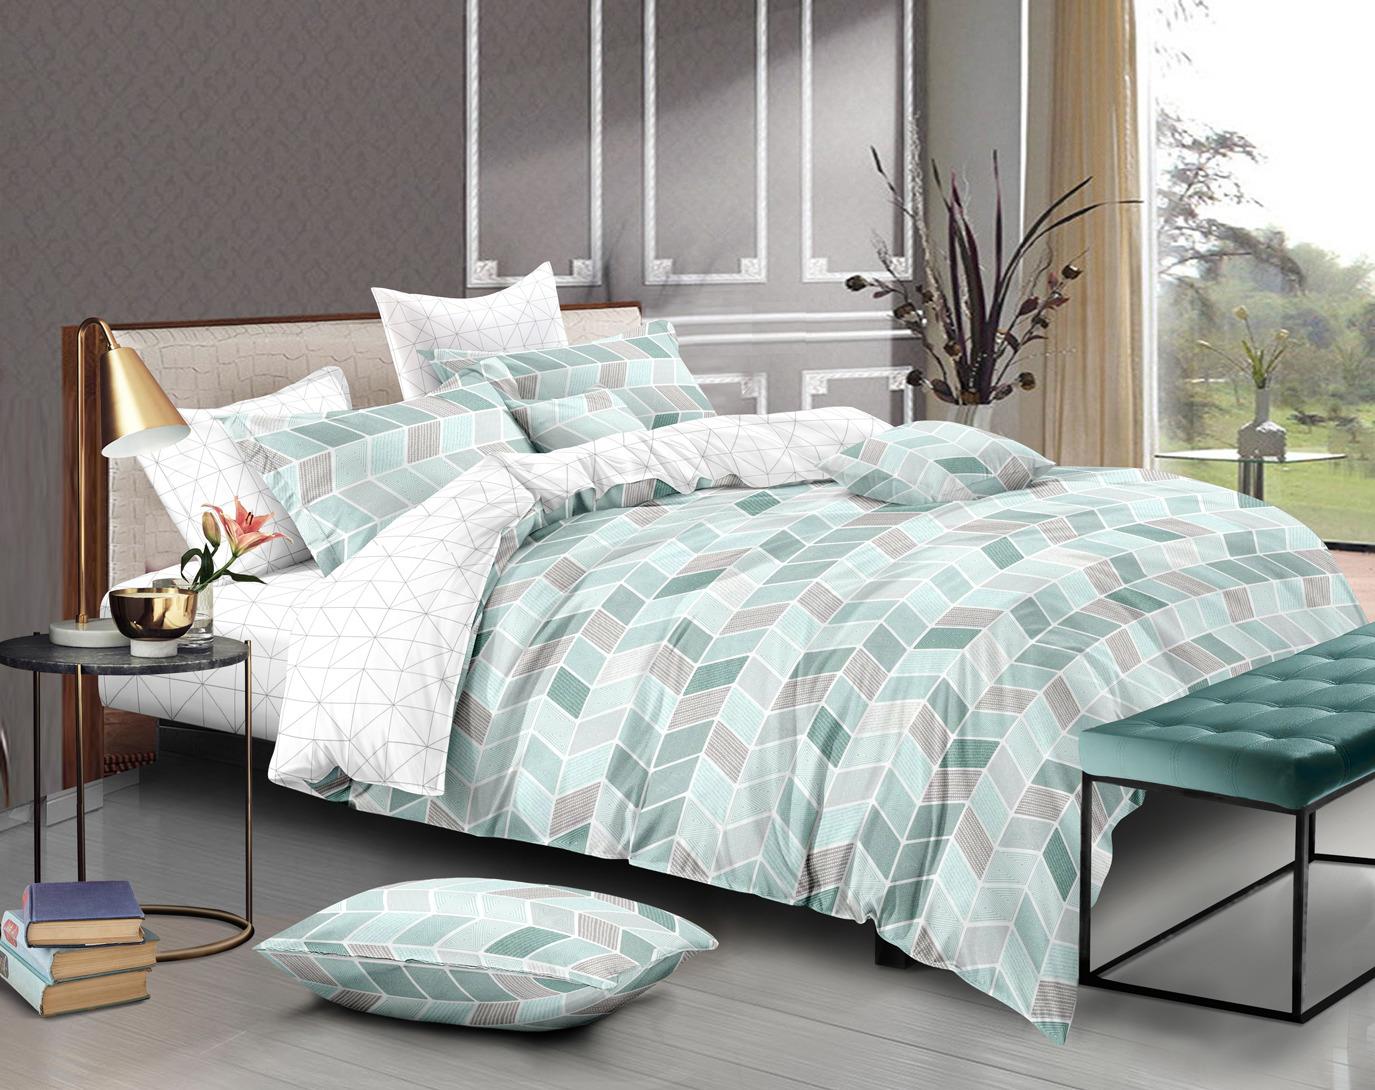 цена Комплект постельного белья Amore Mio Gold Valery, 7852, зеленый, евро, наволочки 50x70, 70x70 онлайн в 2017 году